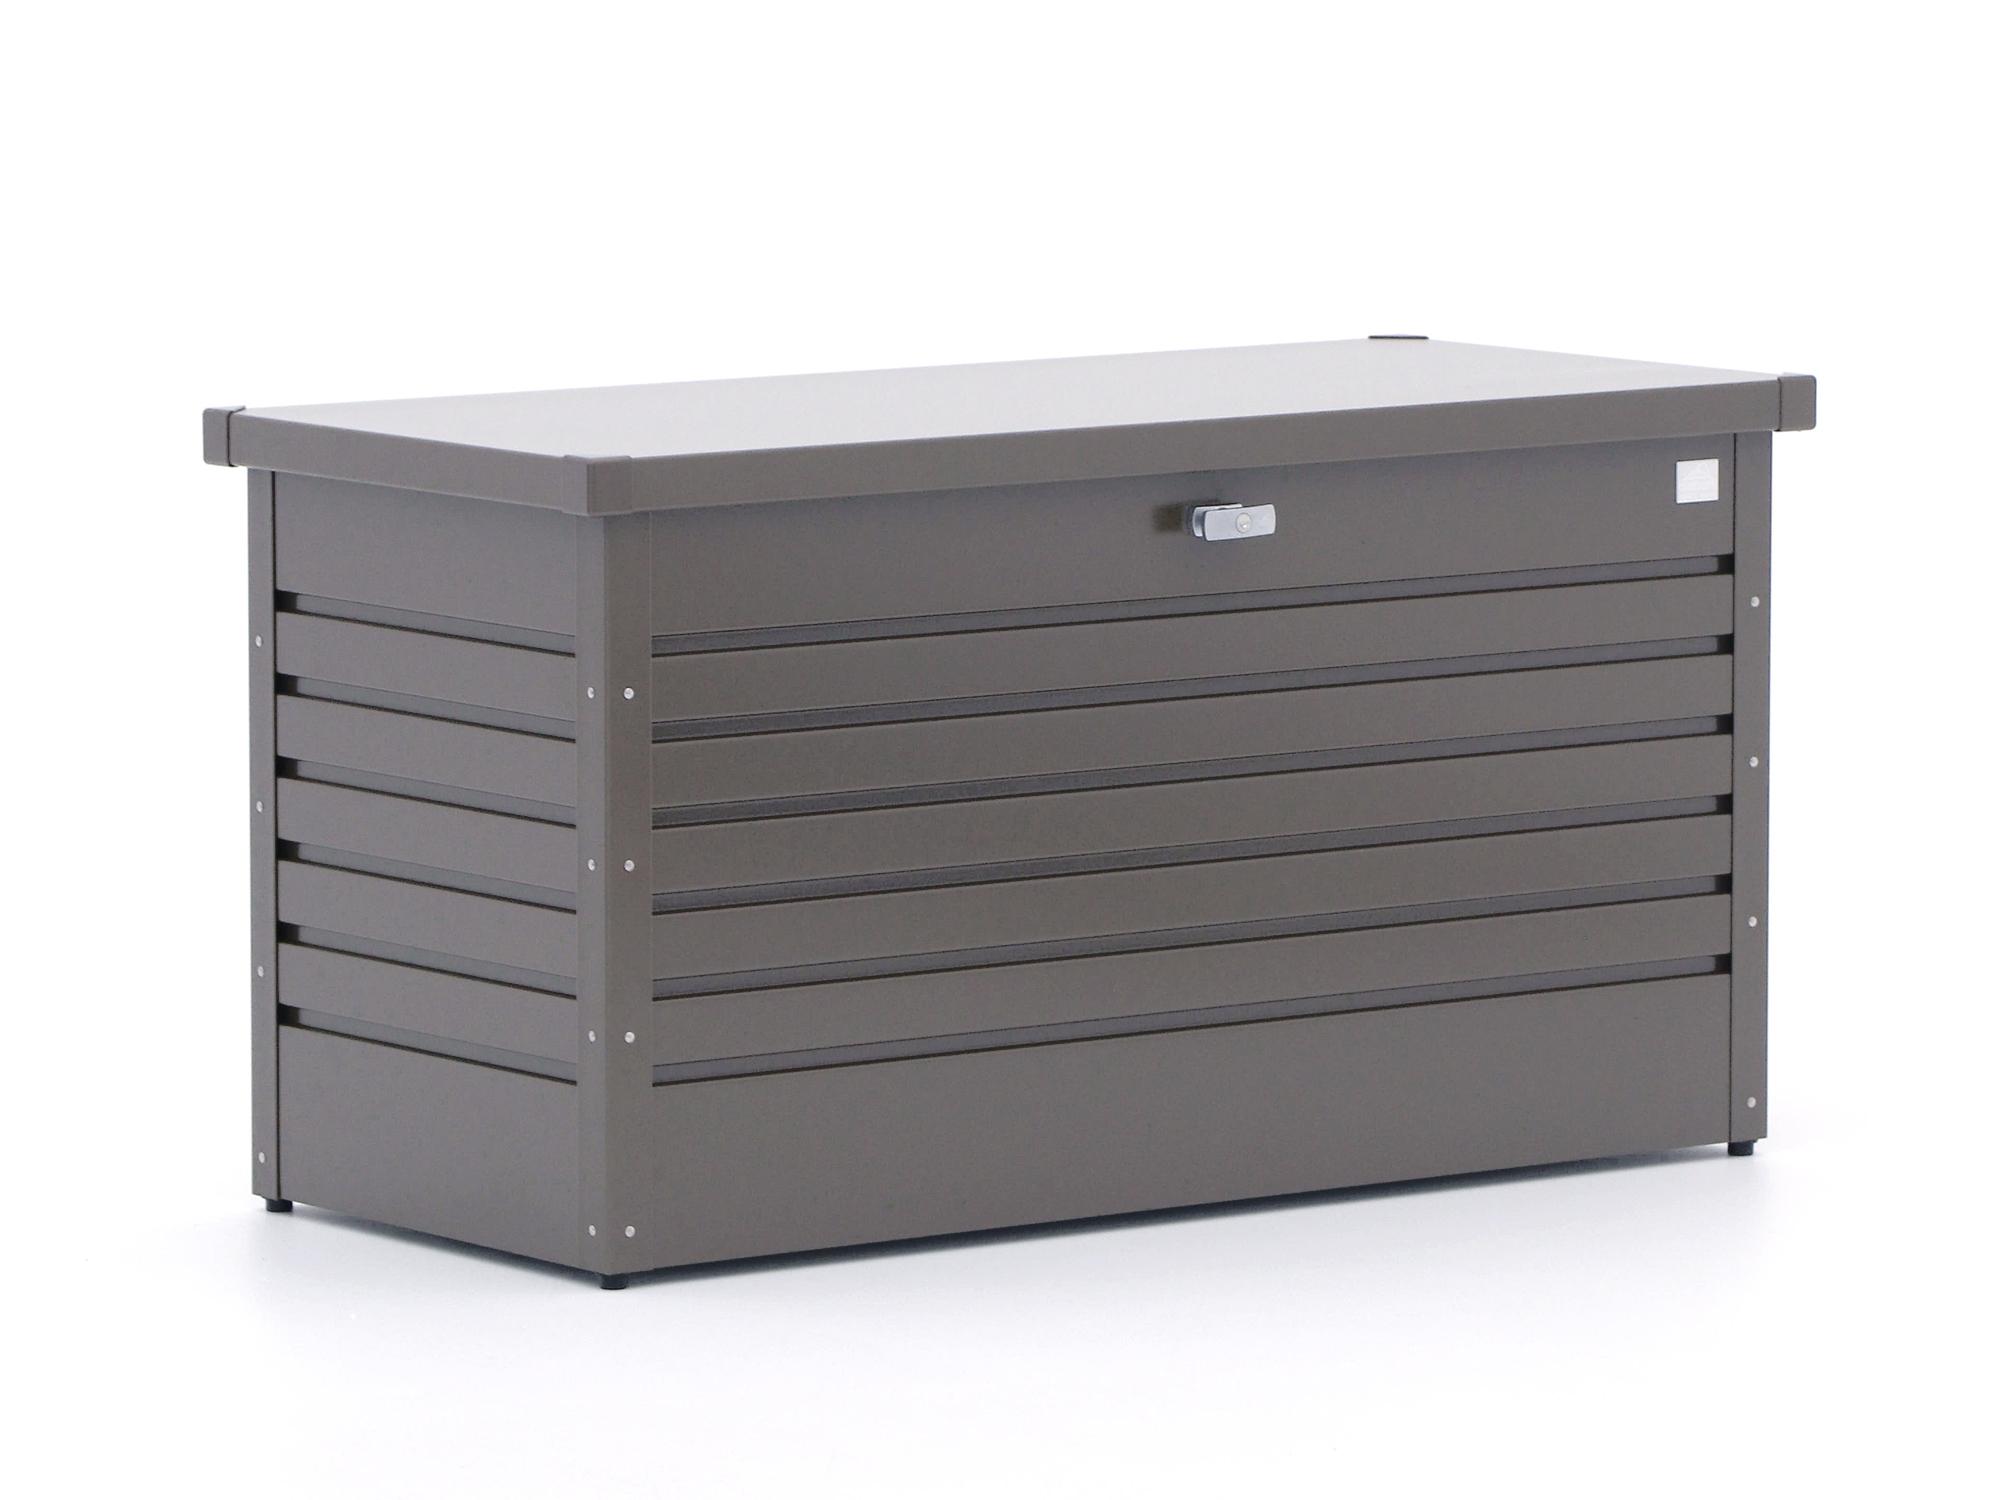 Biohort Opbergbox Hobbybox 130